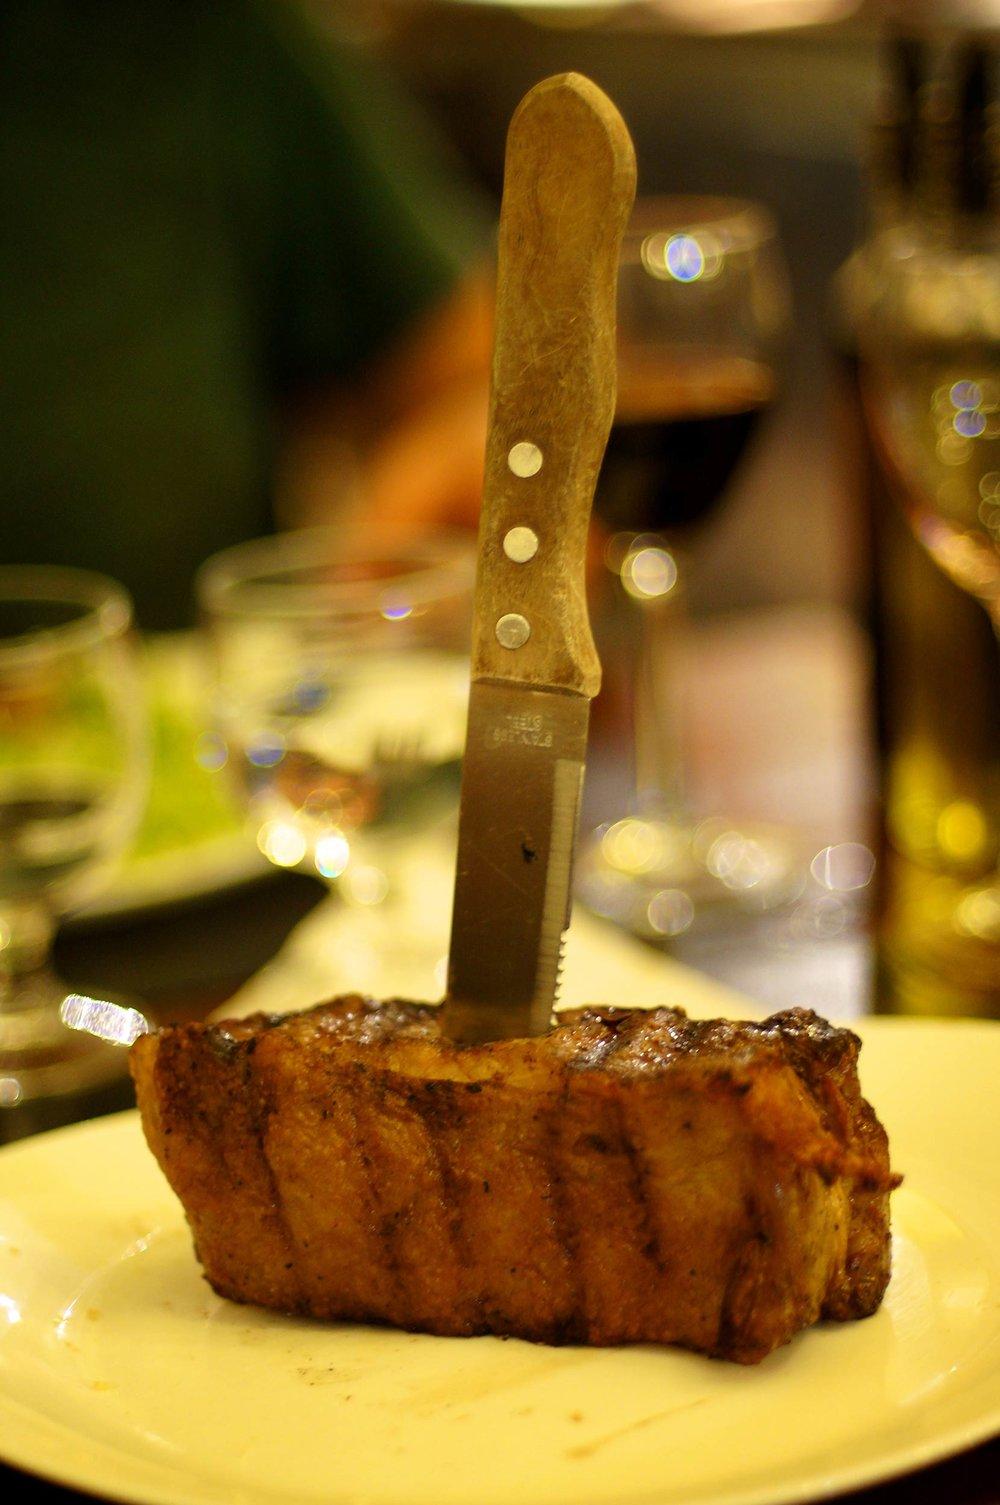 pucon_chile_steak.jpg